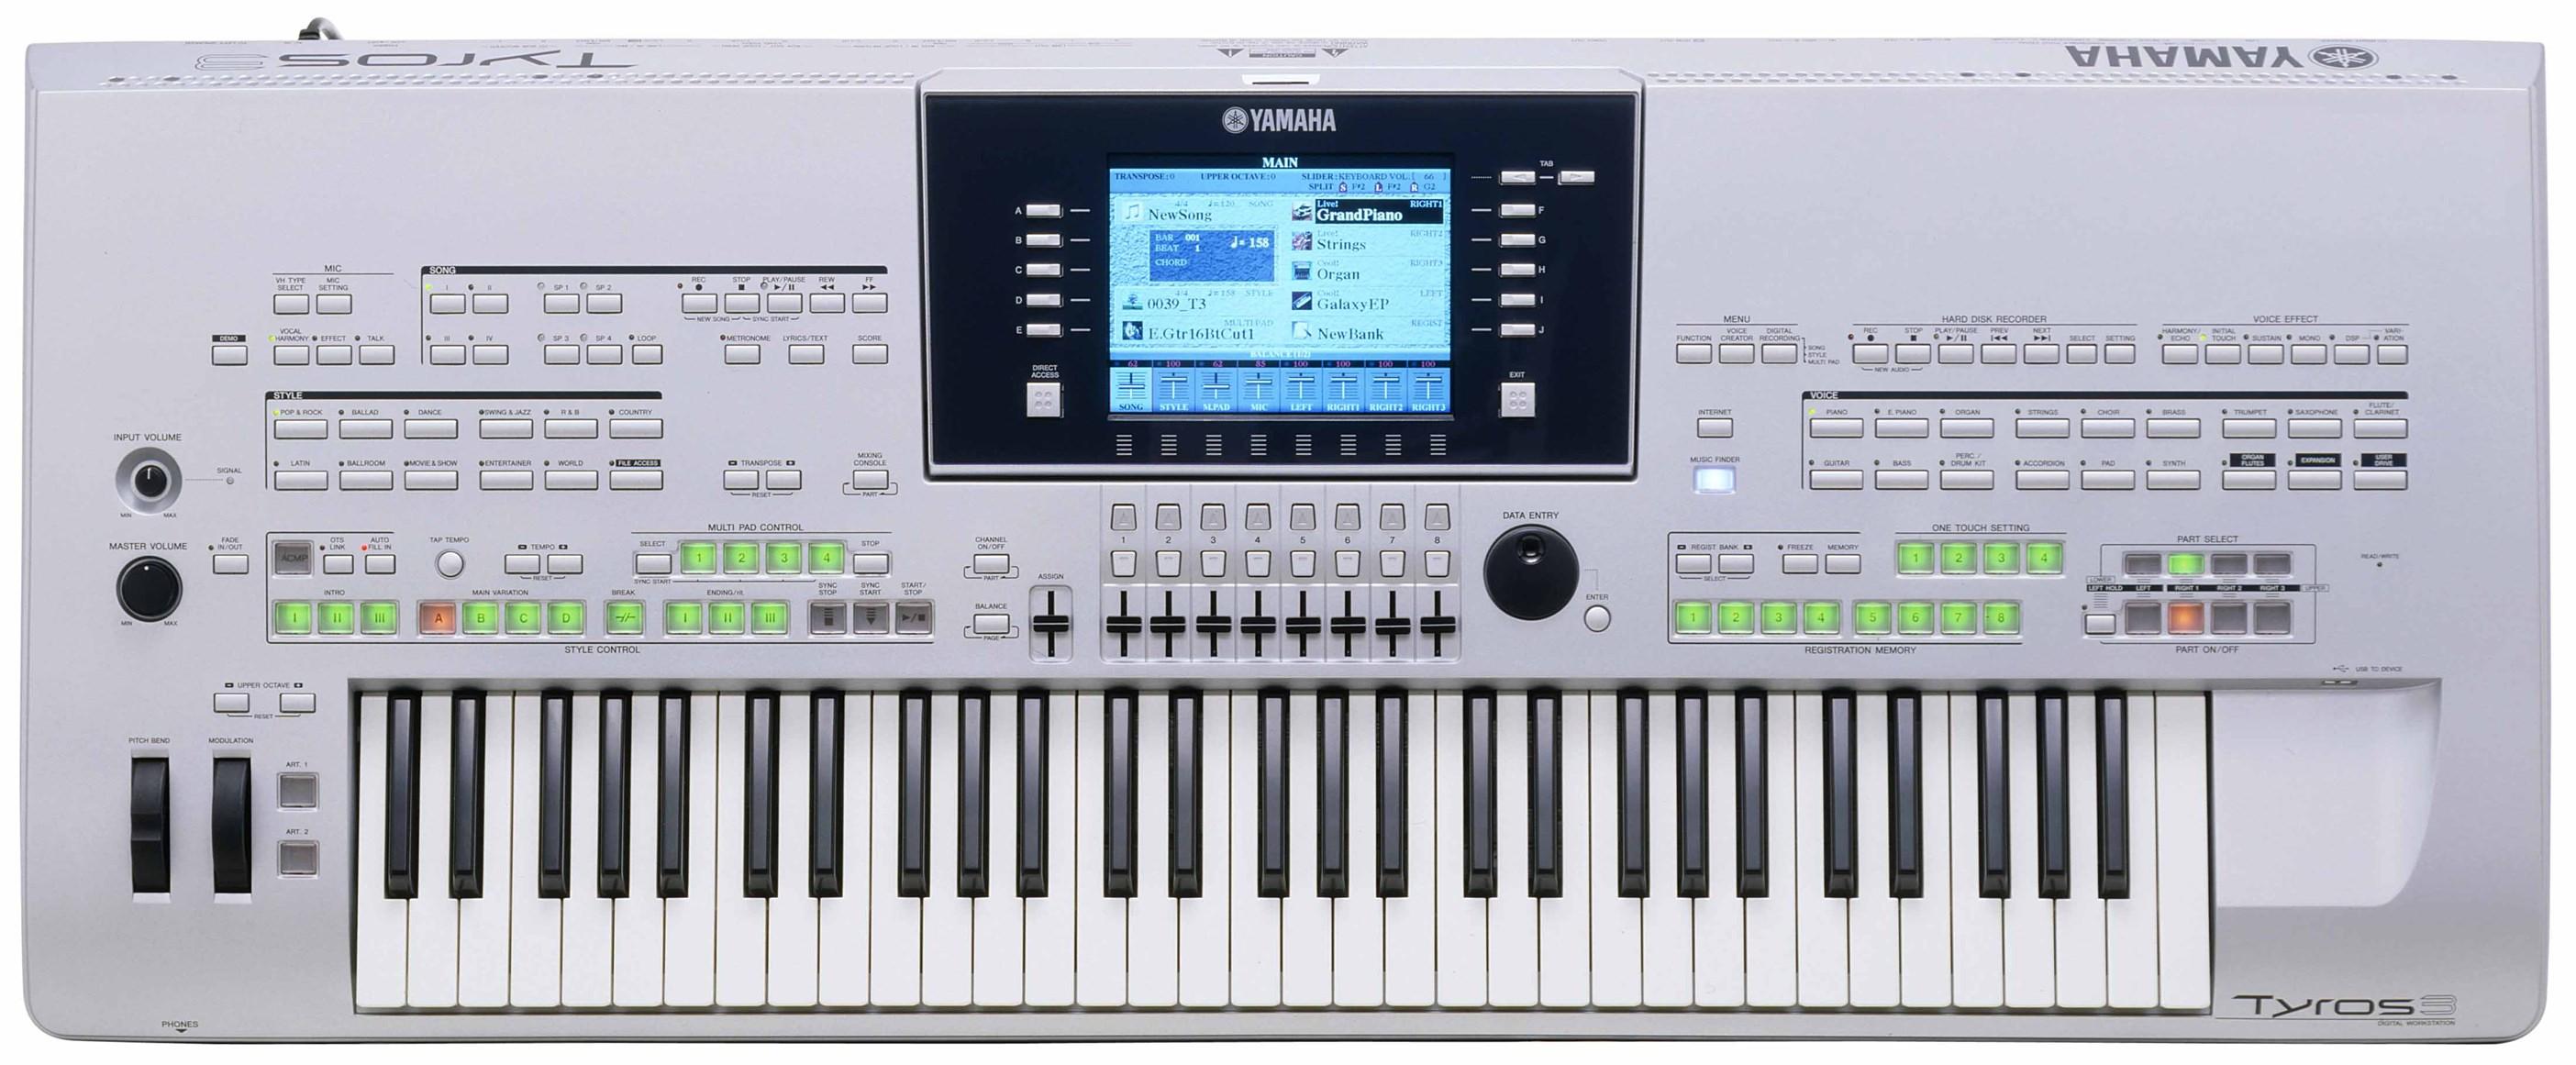 Yamaha Tyros 3 Workstation Synthesizer